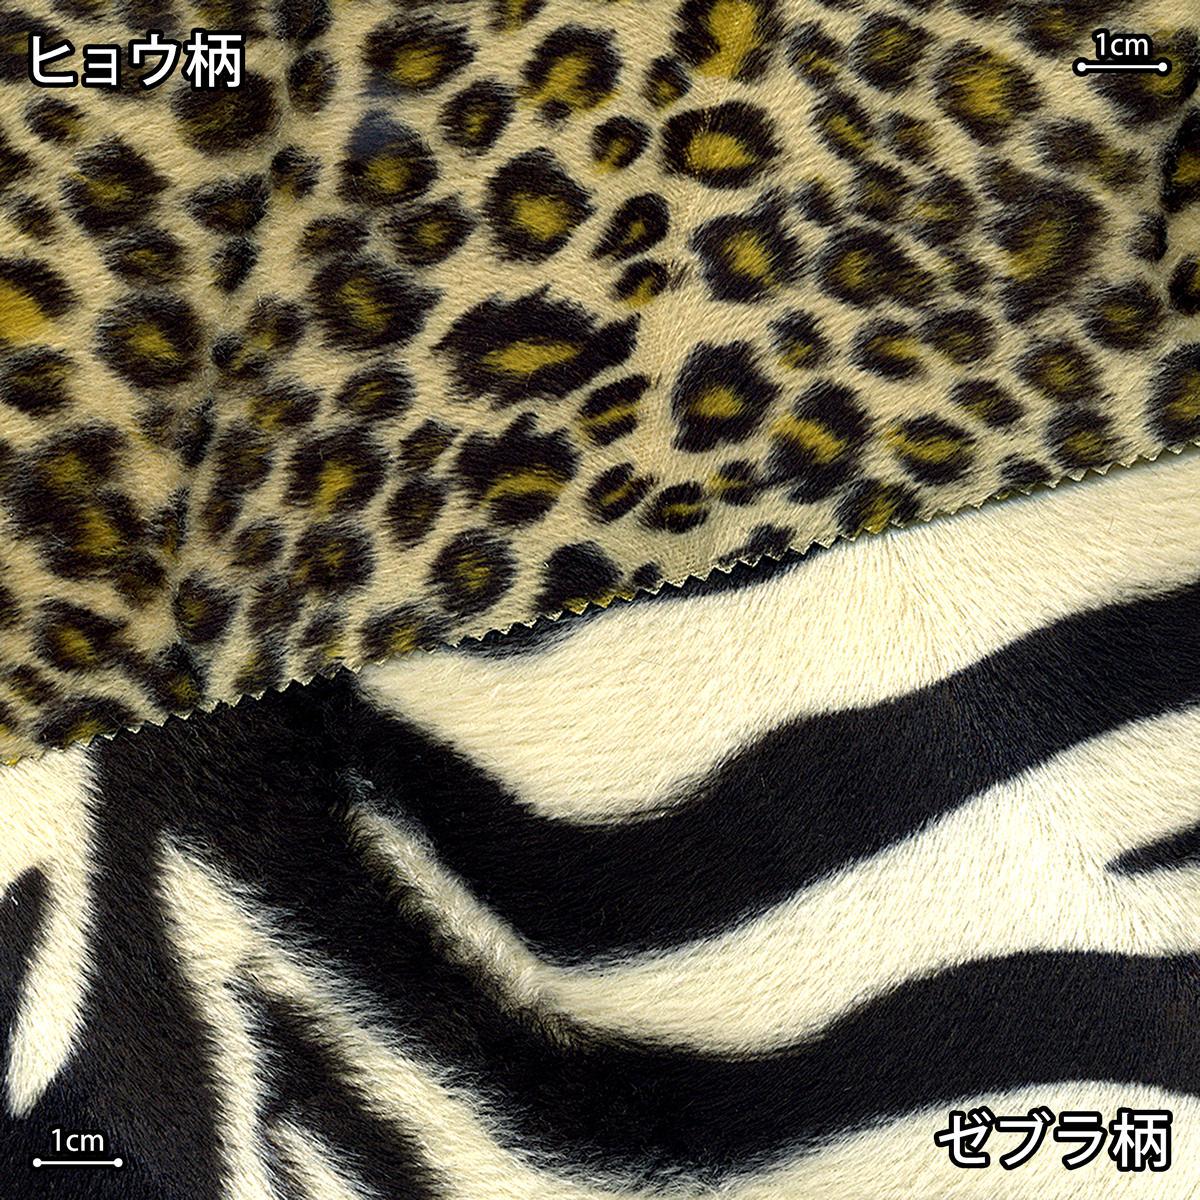 マルチカバー アニマルボア 豹柄 ゼブラ柄  190×190cm ポリエステル100% フリークロス マルチクロス